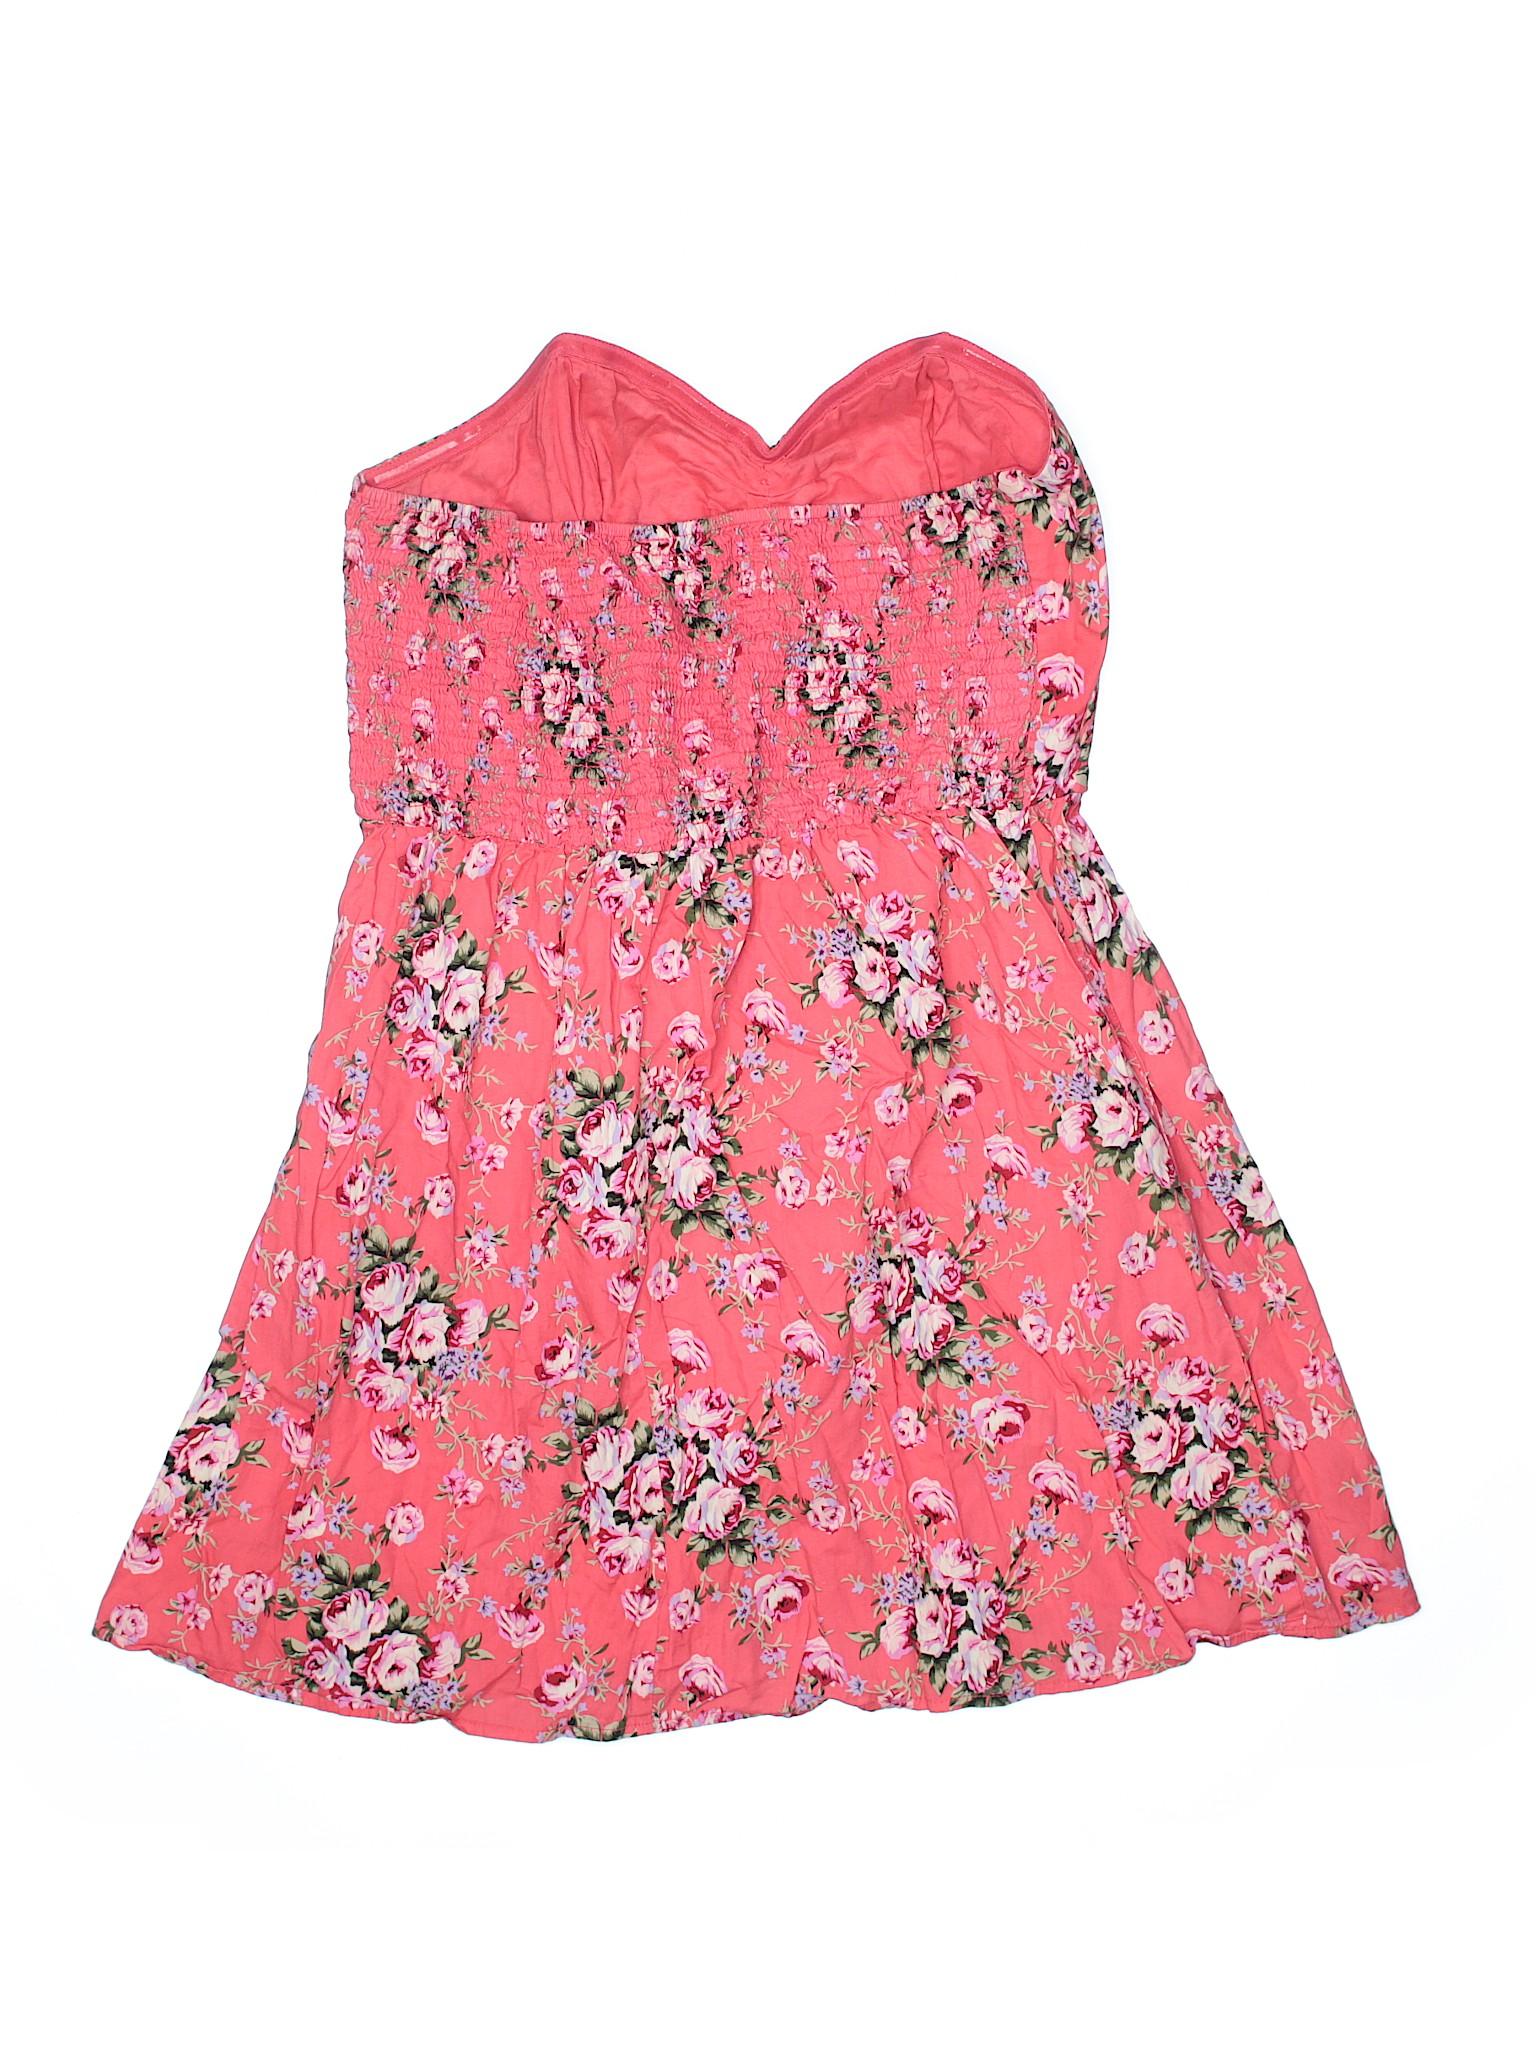 Boutique Dress Xhilaration Boutique winter Casual winter Casual Xhilaration Dress Xhilaration Boutique winter TfPwq6a4